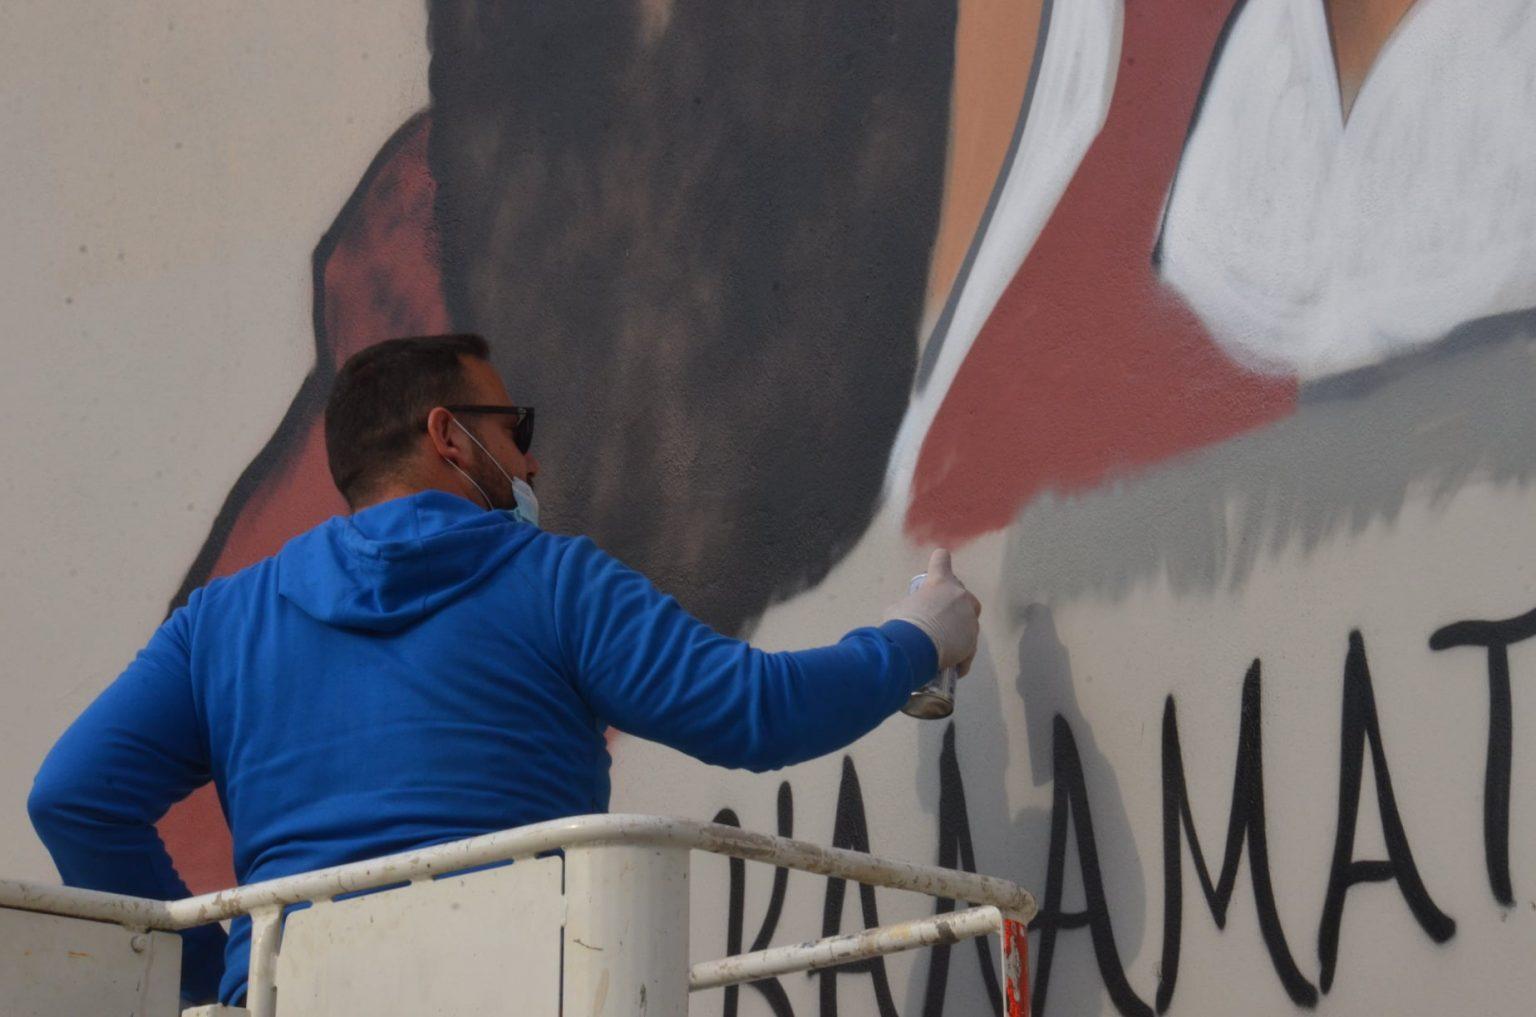 ΚΑΛΑΜΑΤΑ: Οι ήρωες του '21 σε γκράφιτι δίπλα από τους Αγίους Αποστόλους -  ΟΡΘΟΔΟΞΙΑ INFO